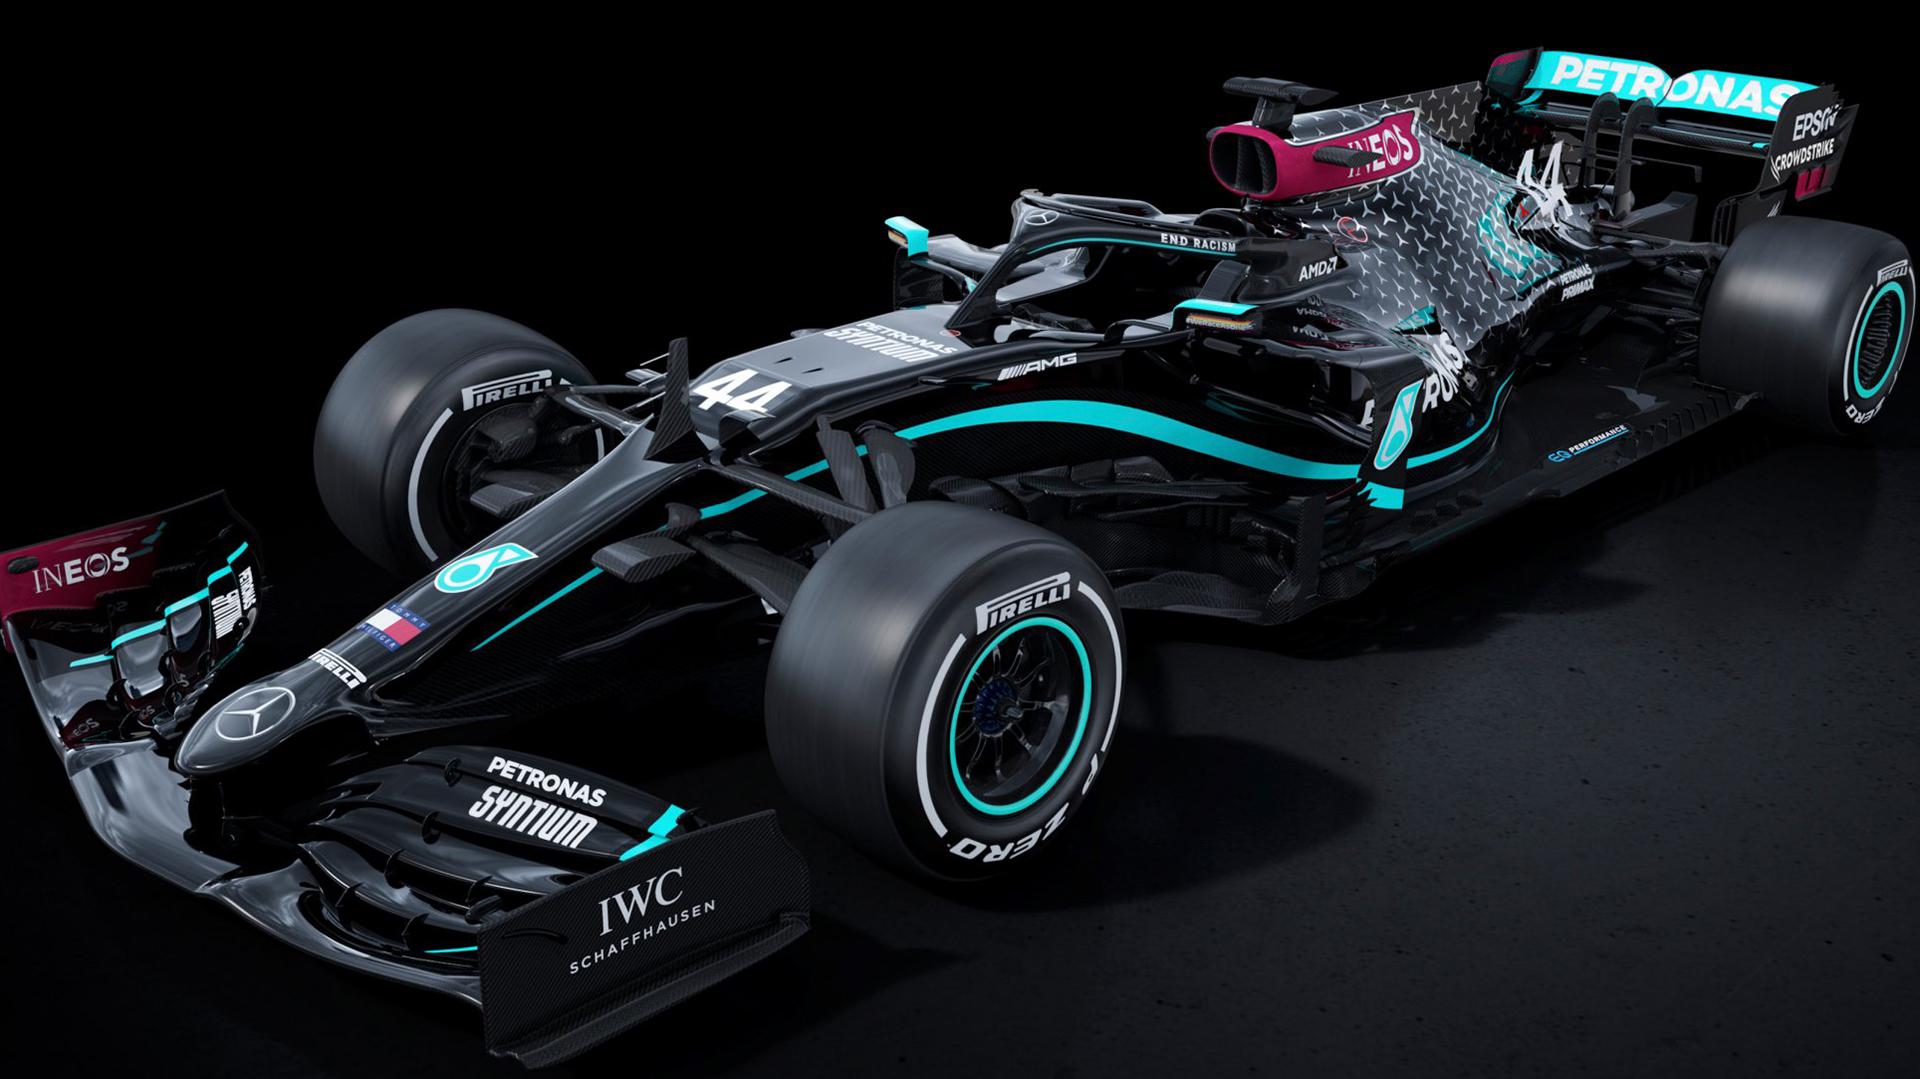 Mercedes Benz Cambiará El Color De Sus Autos De Fórmula 1 Para Promover La Lucha Contra El Racismo Y La Discriminación Infobae